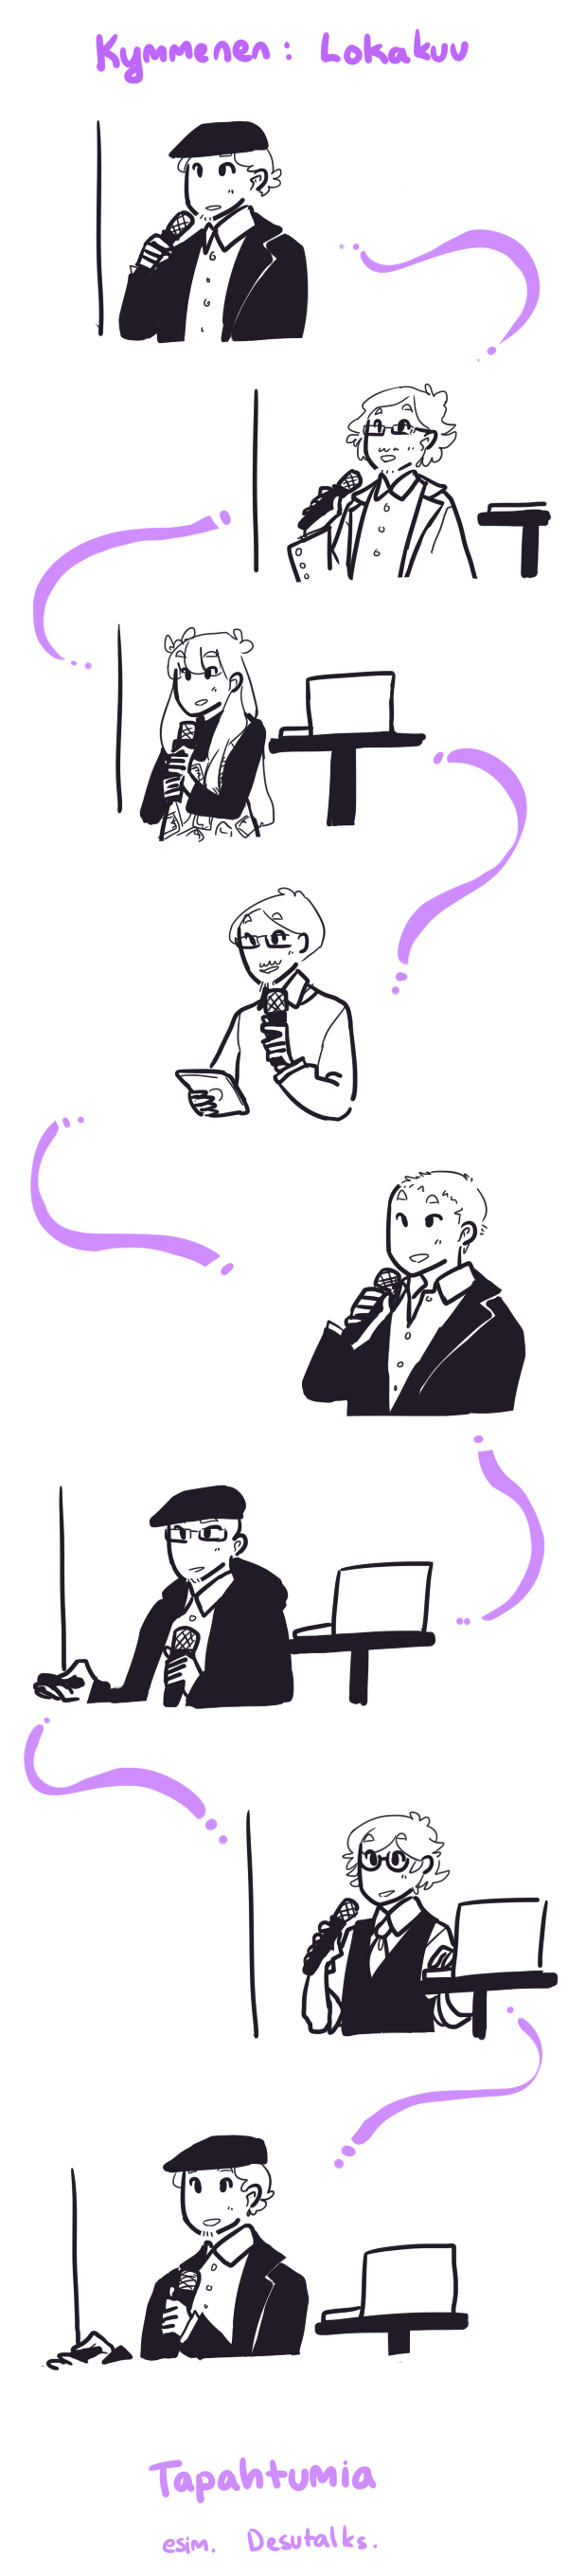 sarjakuva461-kymmenen